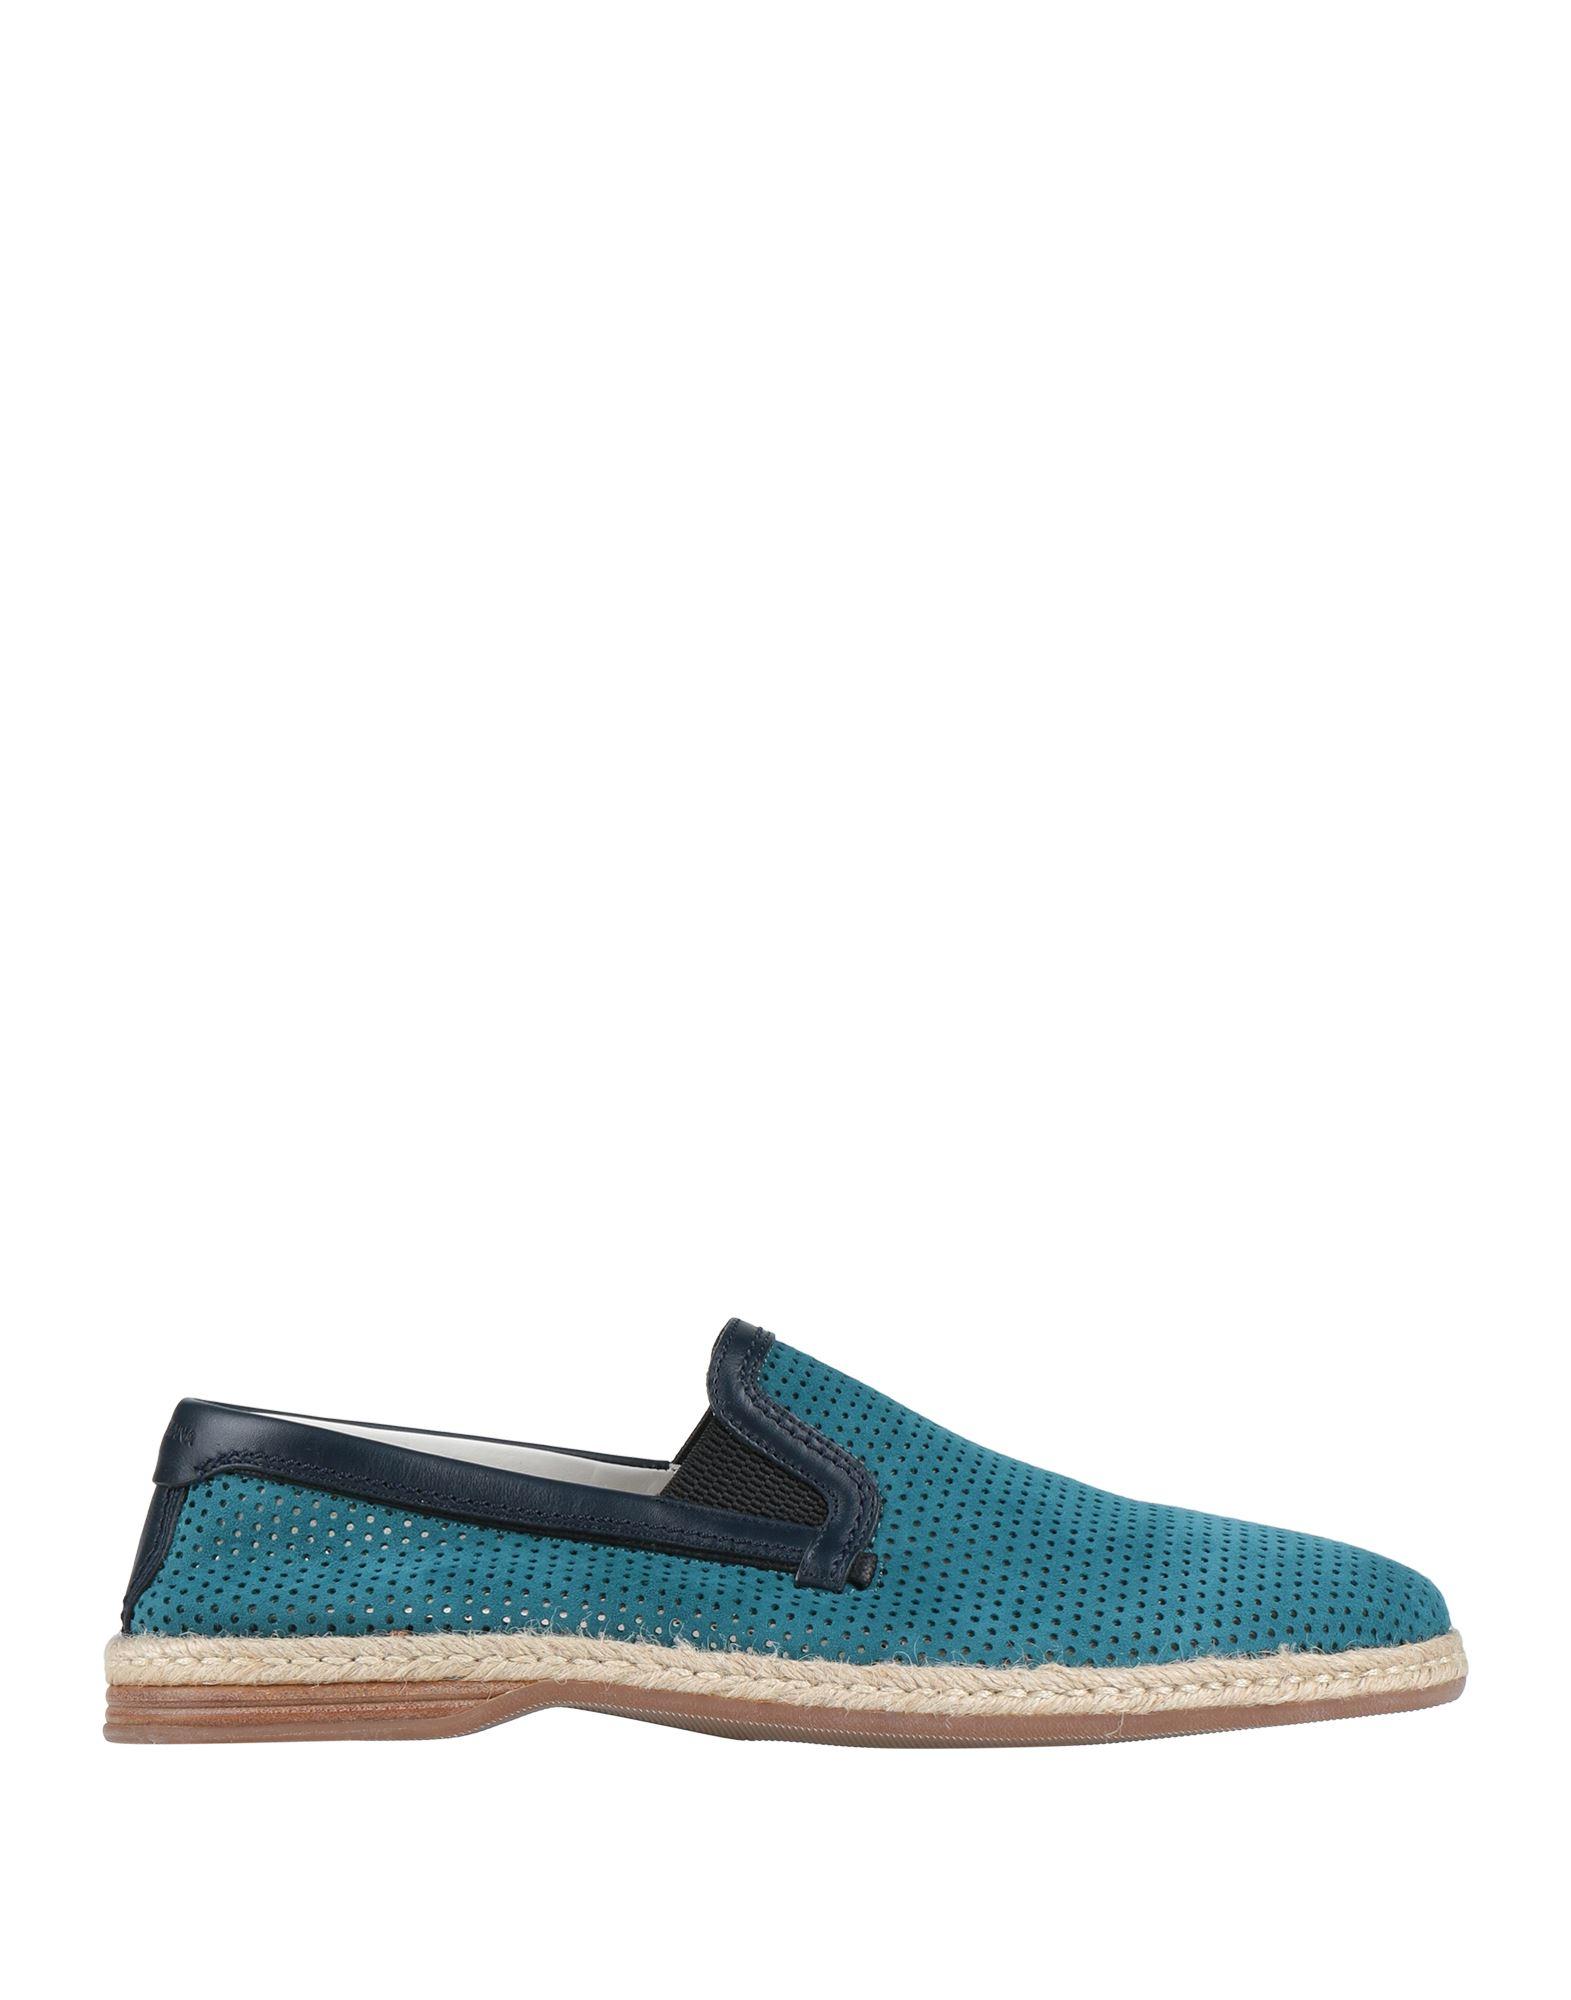 Dolce & Gabbana Espadrilles Herren  11159733UB Gute Qualität beliebte Schuhe